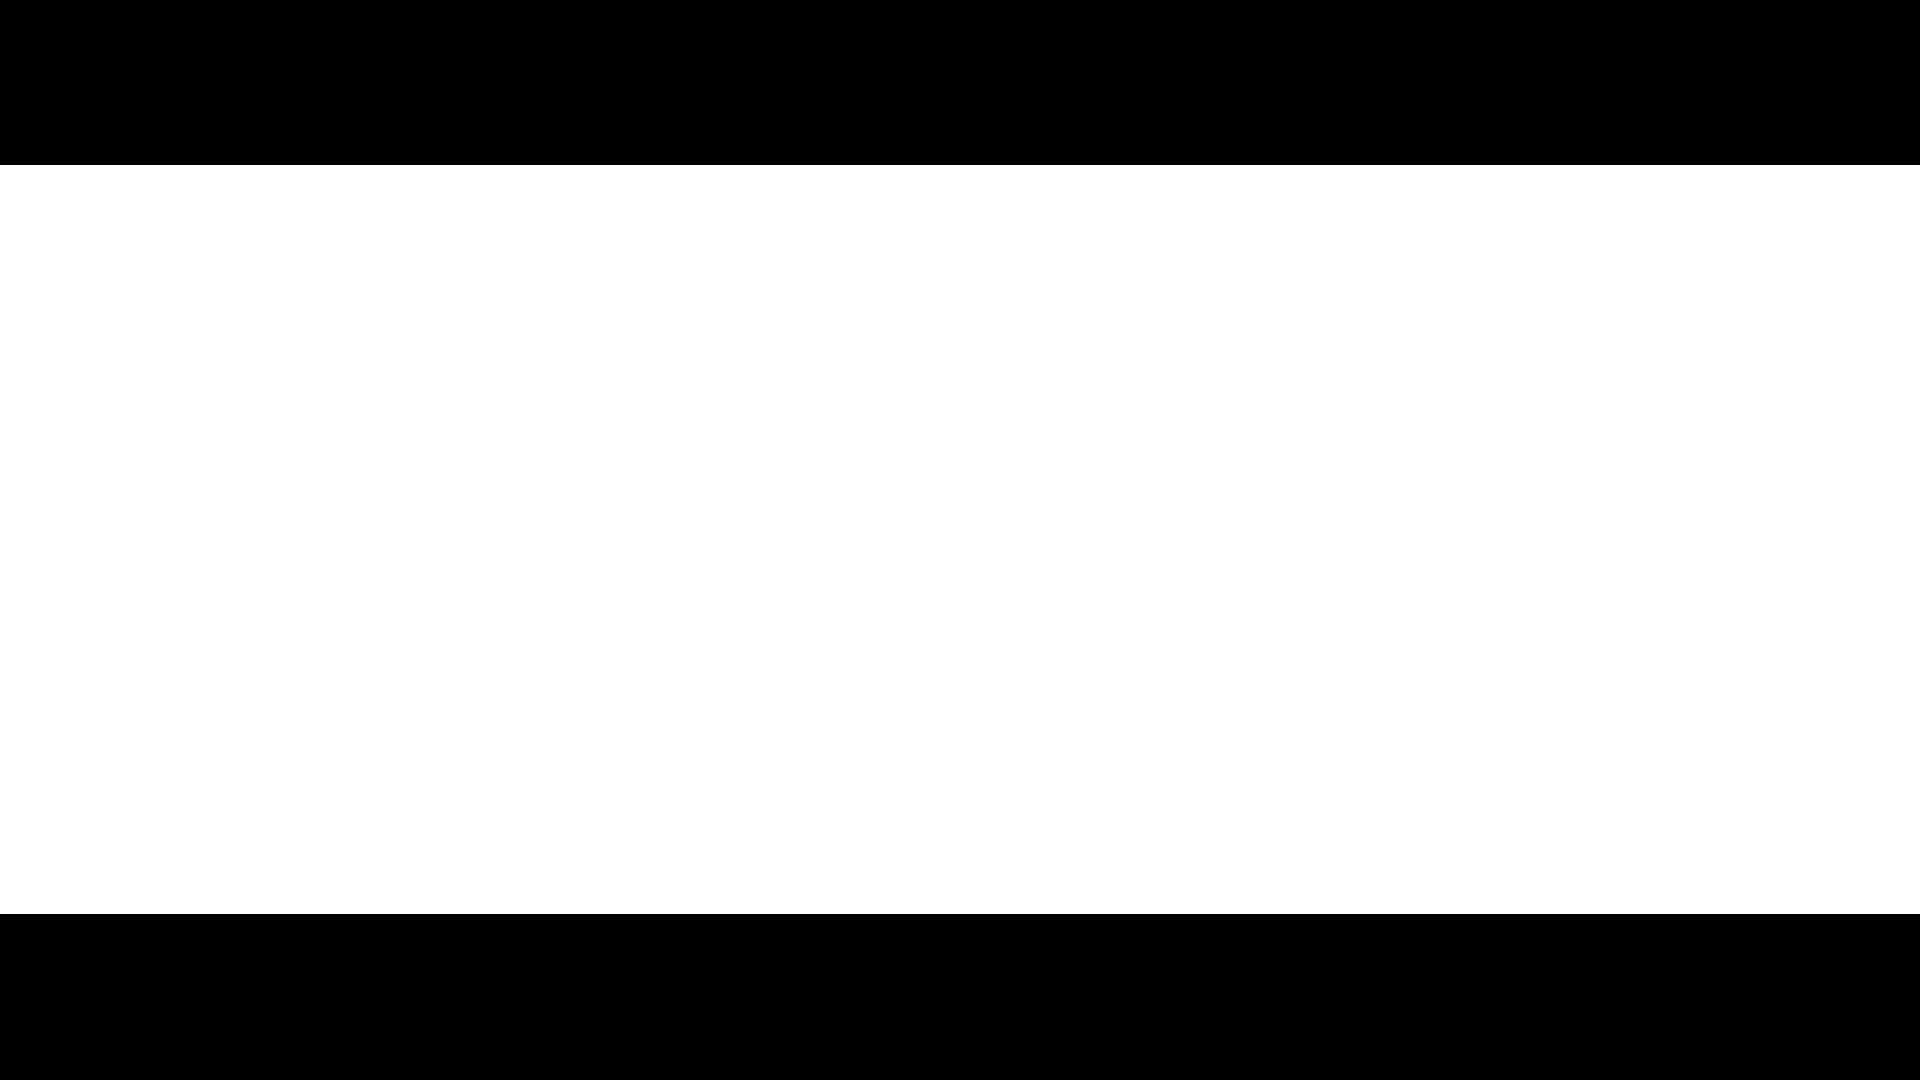 Как сделать чёрные полосы сверху и снизу в cs go